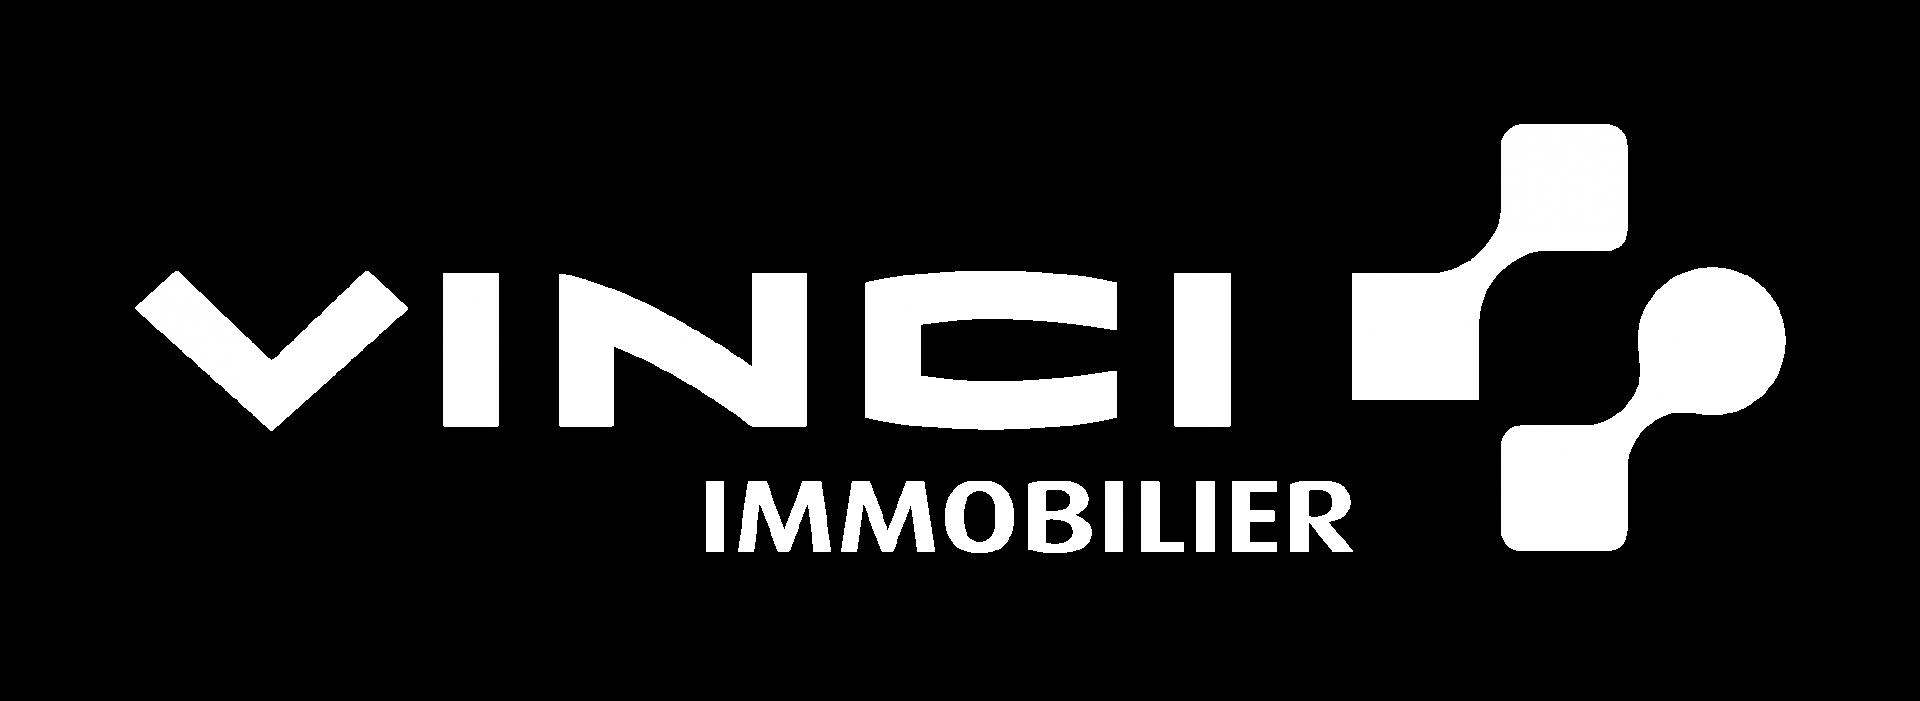 Vinci immobilier logo